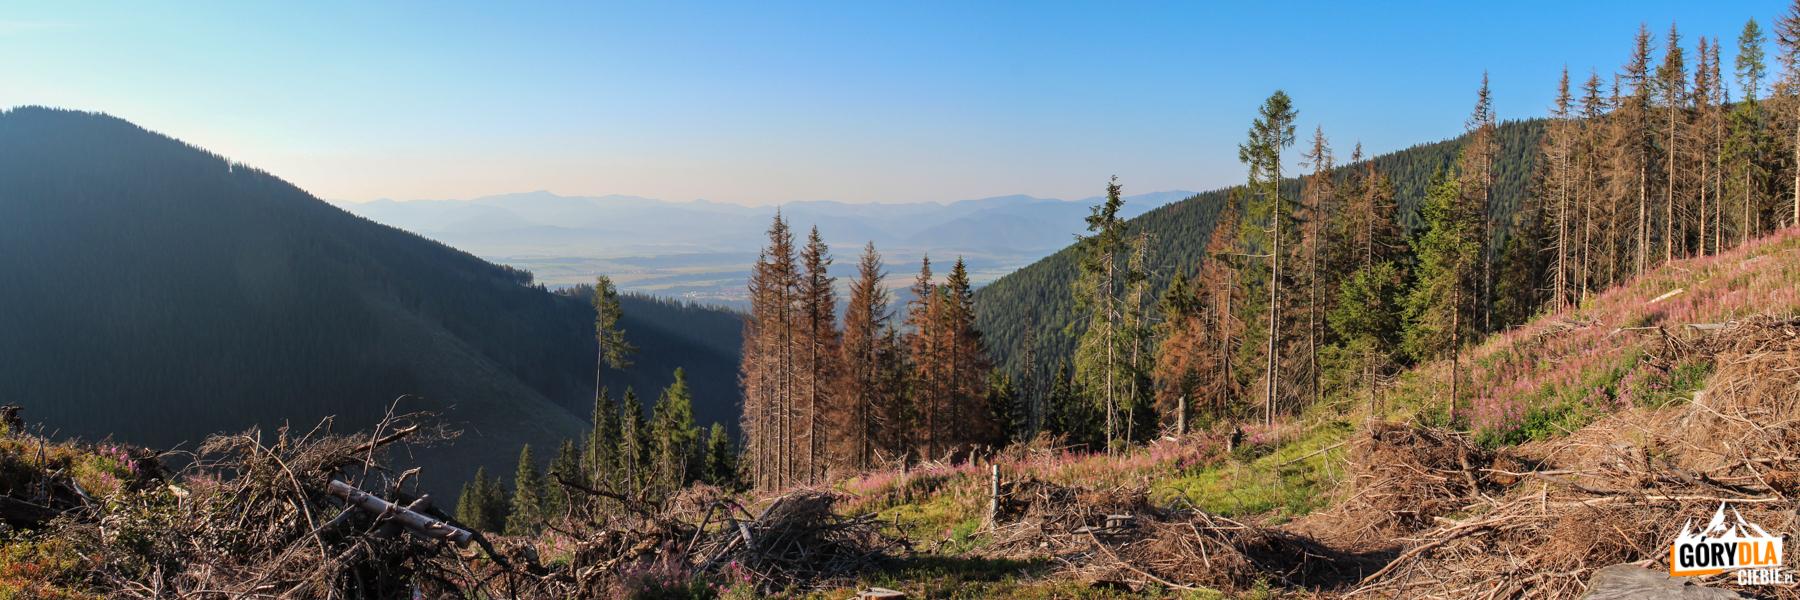 Widok na Wąską Dolinę z zielonego szlaku na Otargańce